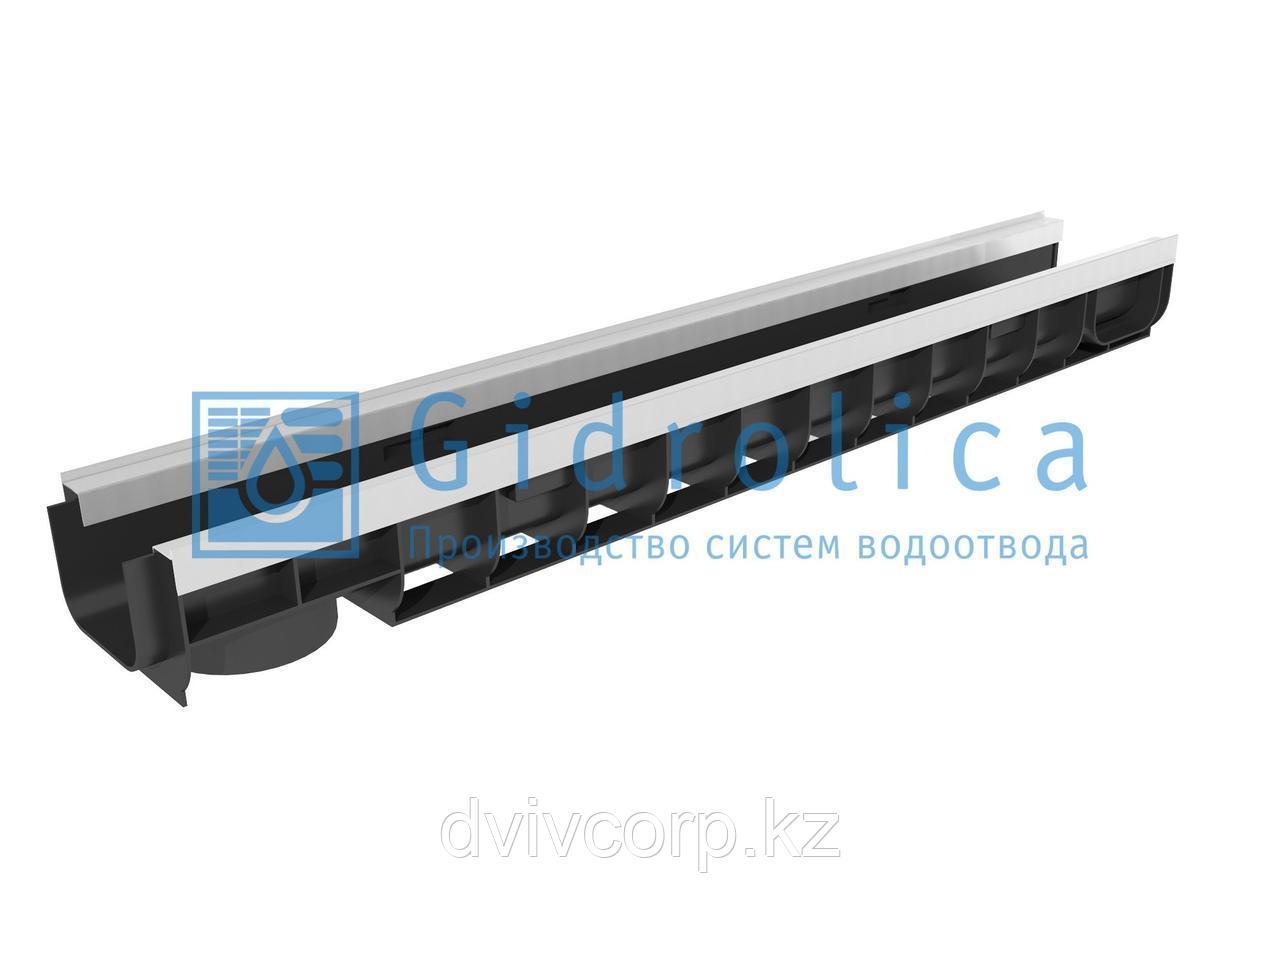 Арт. 8044 Лоток водоотводный Gidrolica Standart Plus ЛВ-10.14,5.10 - пластиковый (усиленный)